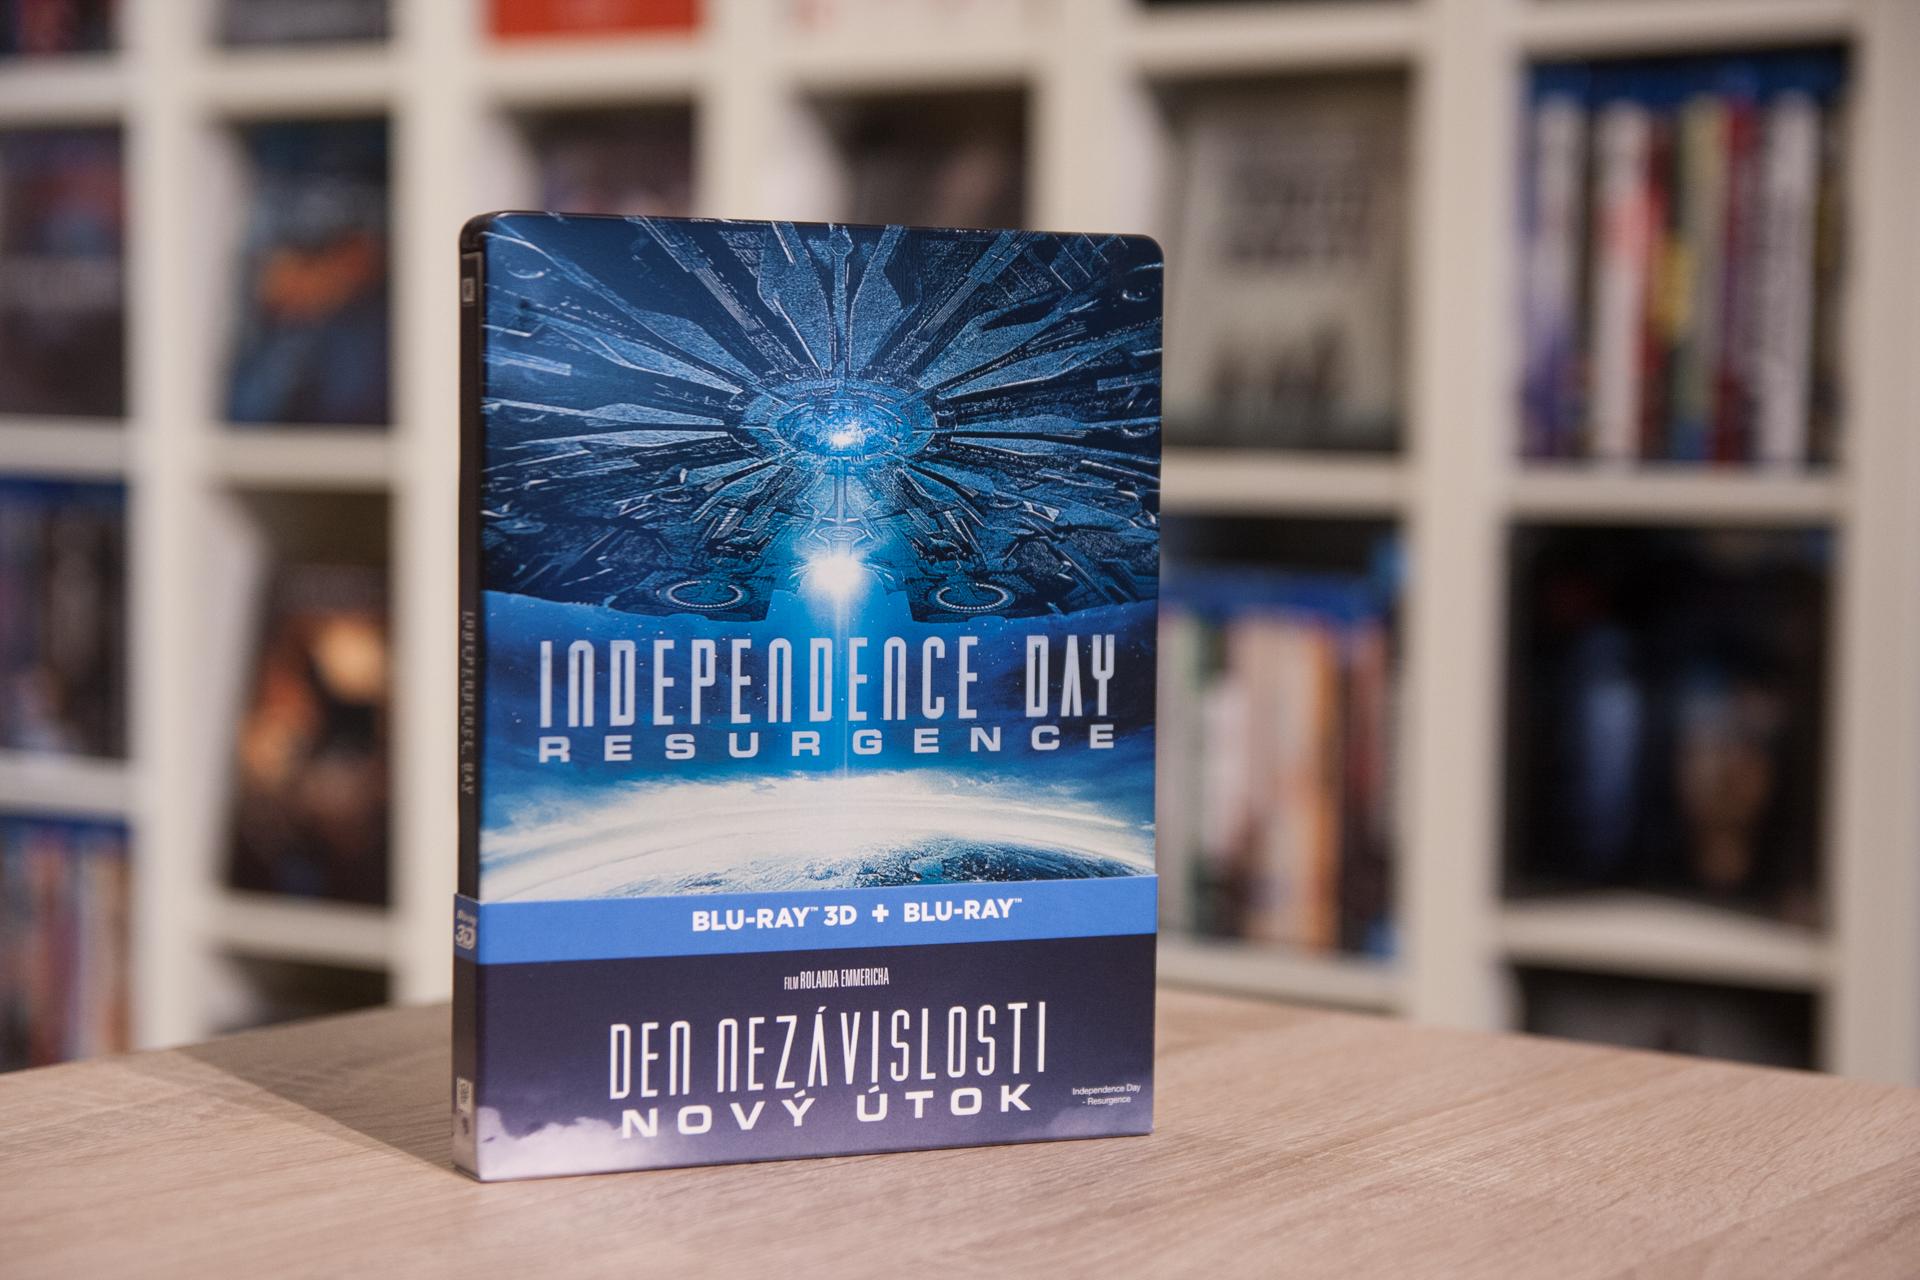 Den nezávislosti: Nový útok